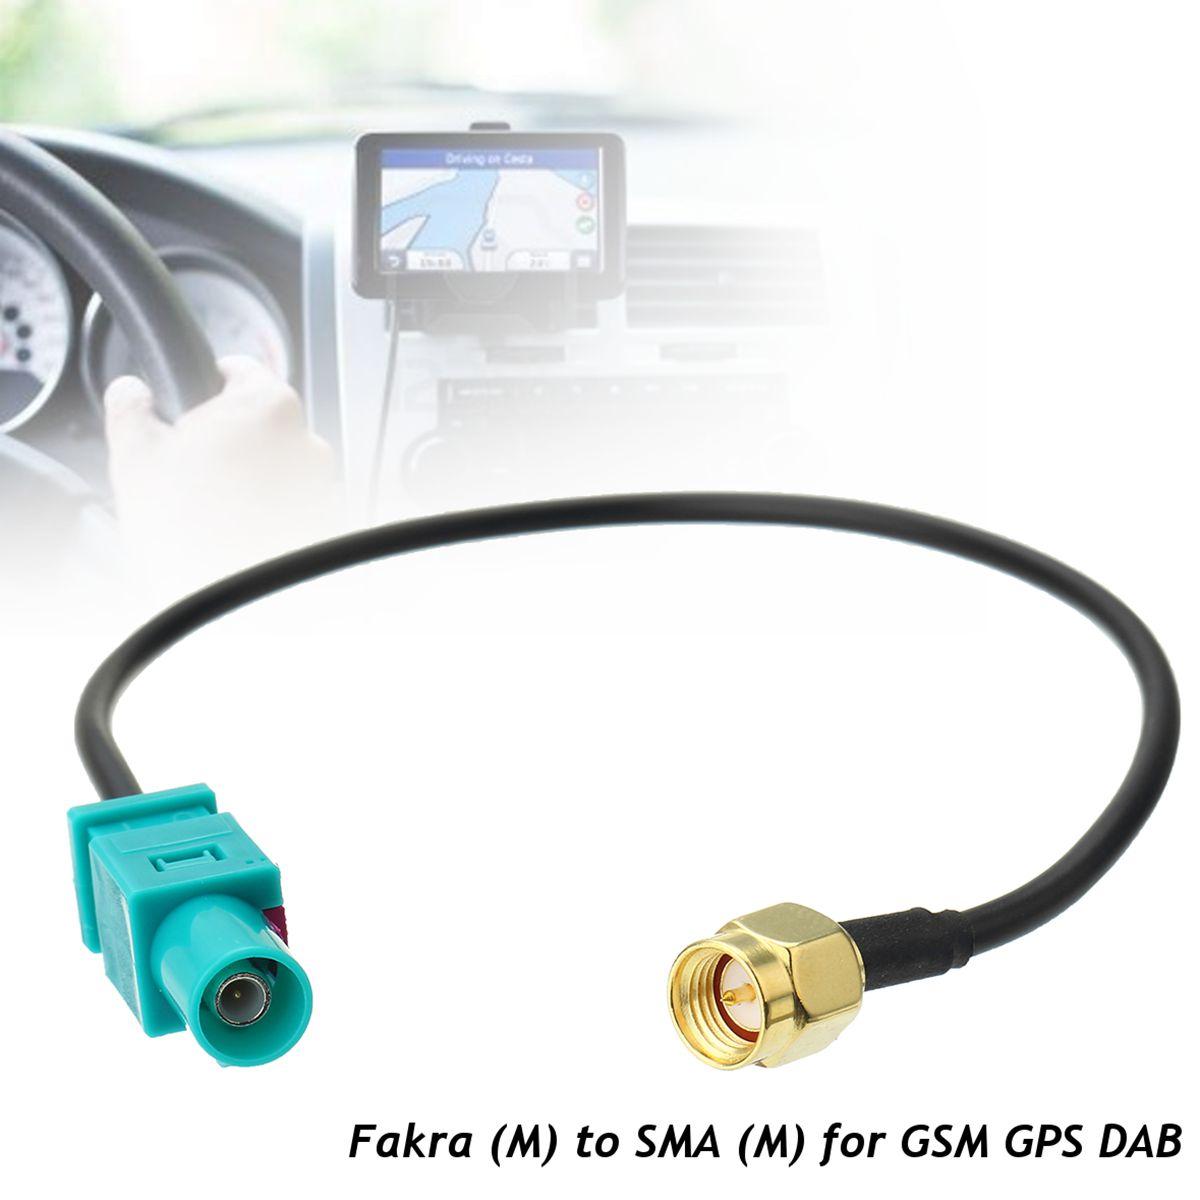 Adaptador de antena, 1 unidad, enchufe Fakra Z (M) a SMA (M), Cable conector para coche GSM DAB GPS de 21,5 cm